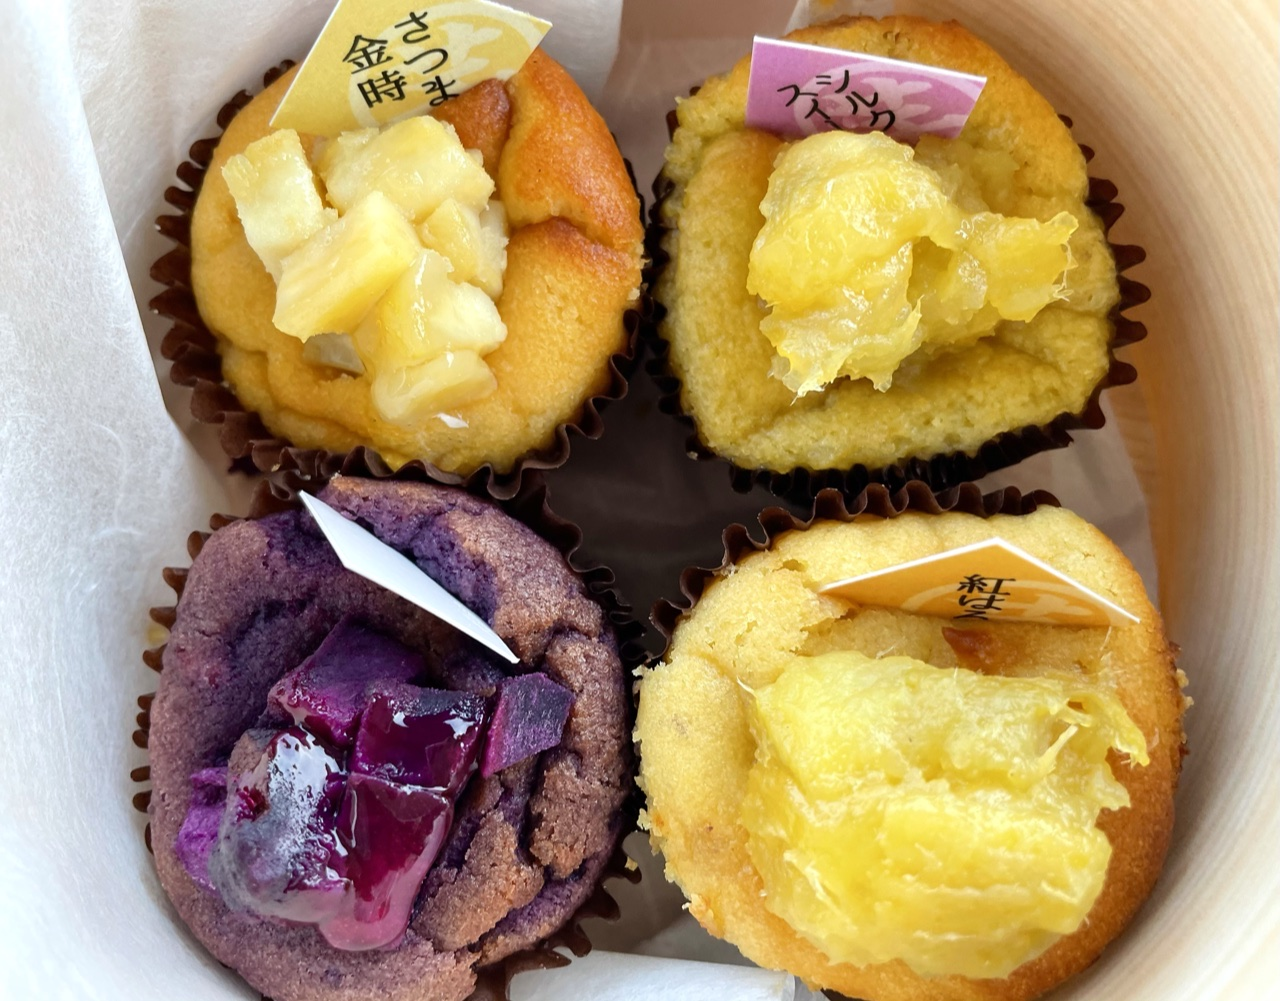 【高級芋菓子 しみず】和スイートポテトと安納芋ぷりん食べ比べ❤︎_6